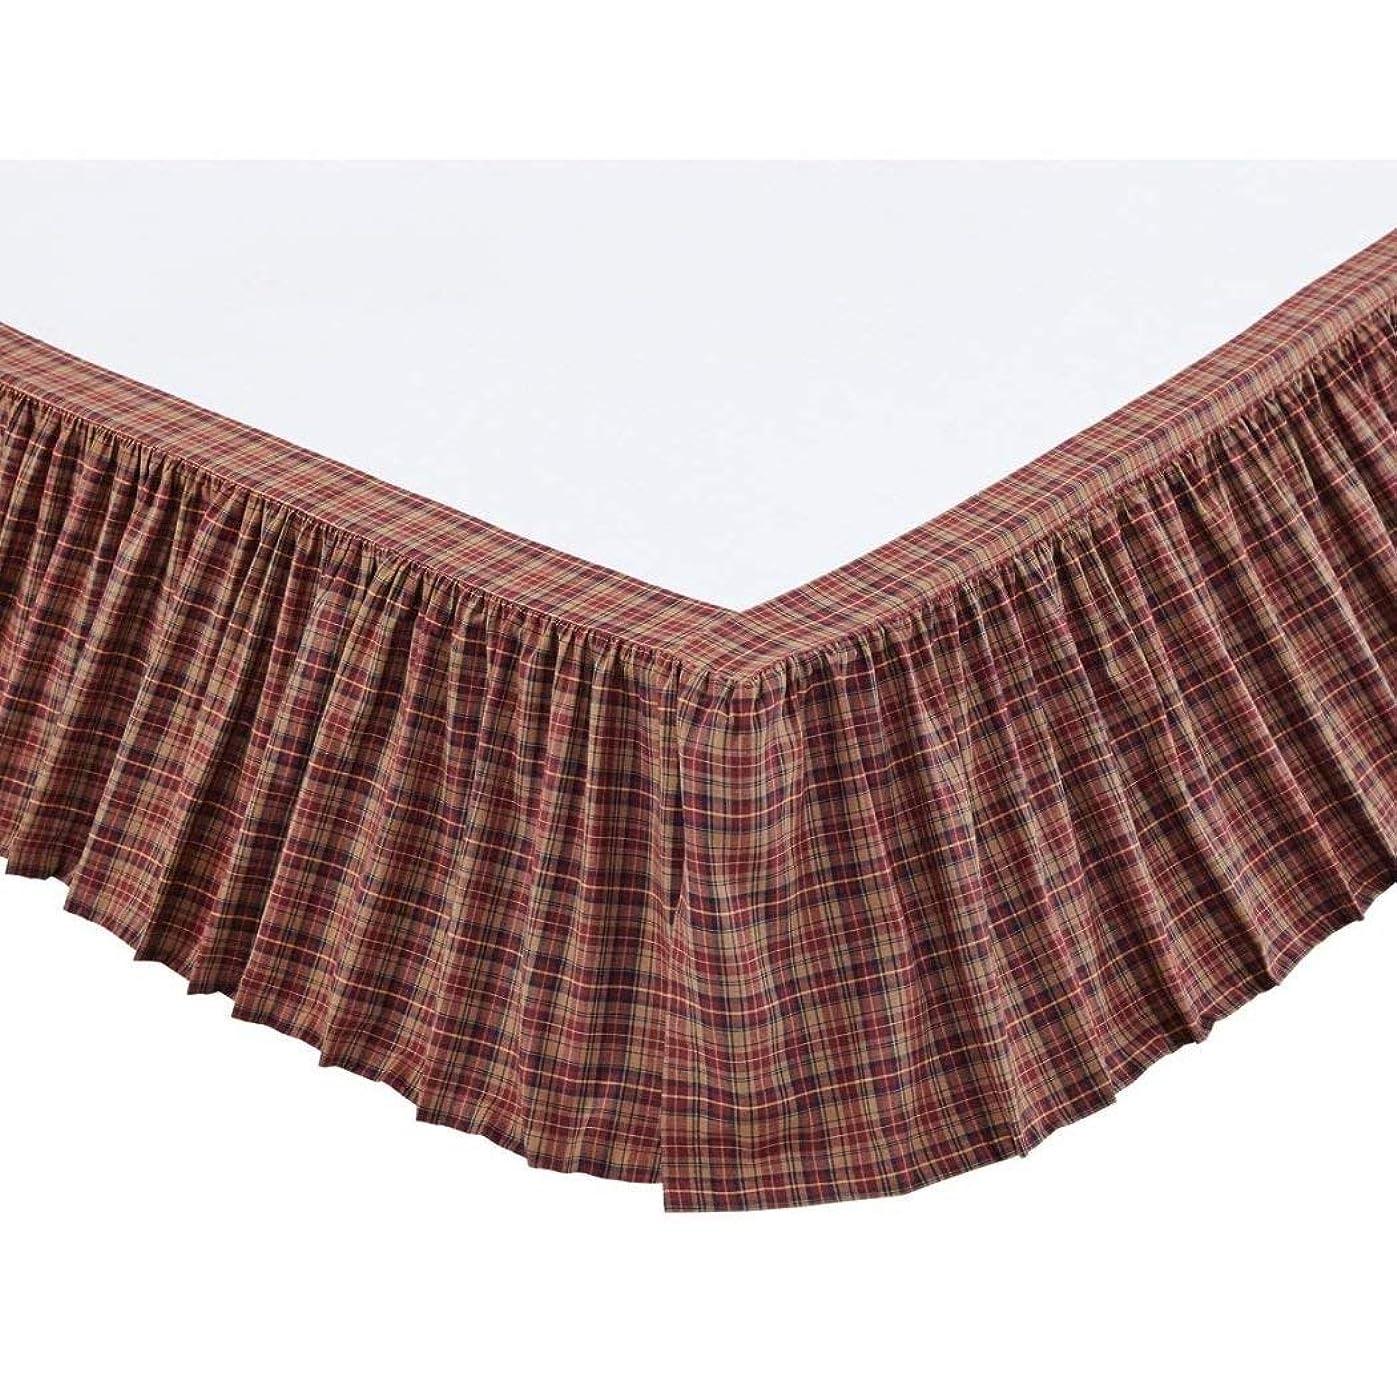 欺以下パースバーガンディネイビーカーキ格子柄ベッドスカート キングサイズ 16インチドロップ 高級レッドブルーギンガムチェック柄 フリル付きベッドスカート カジュアルキャビンスタイルベッドスカート 鮮やかな色 超ソフトコットン